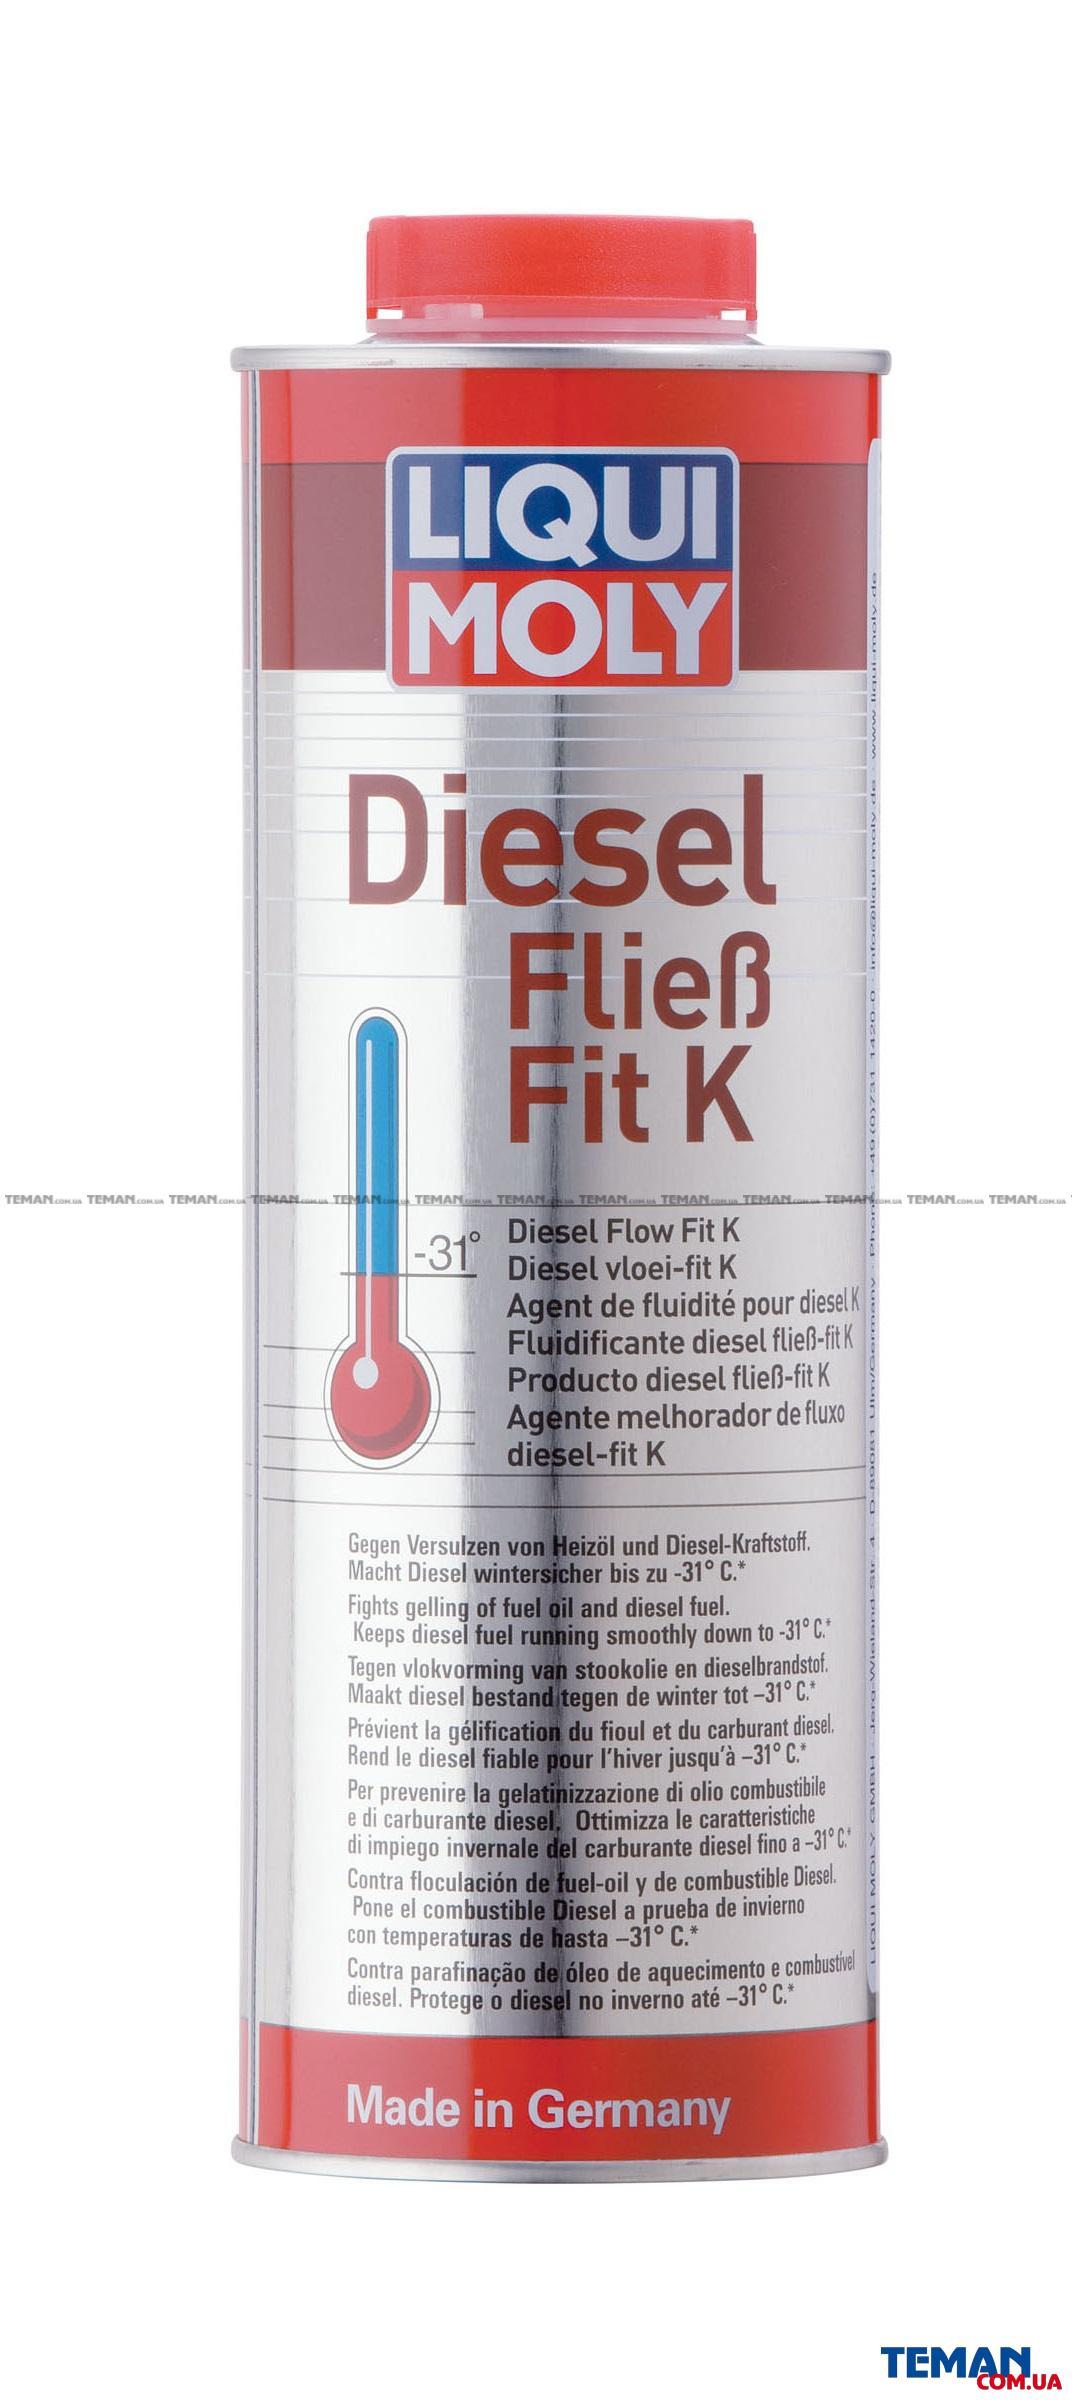 Дизельный антигель концентрат Diesel Fliess-Fit K, 1л